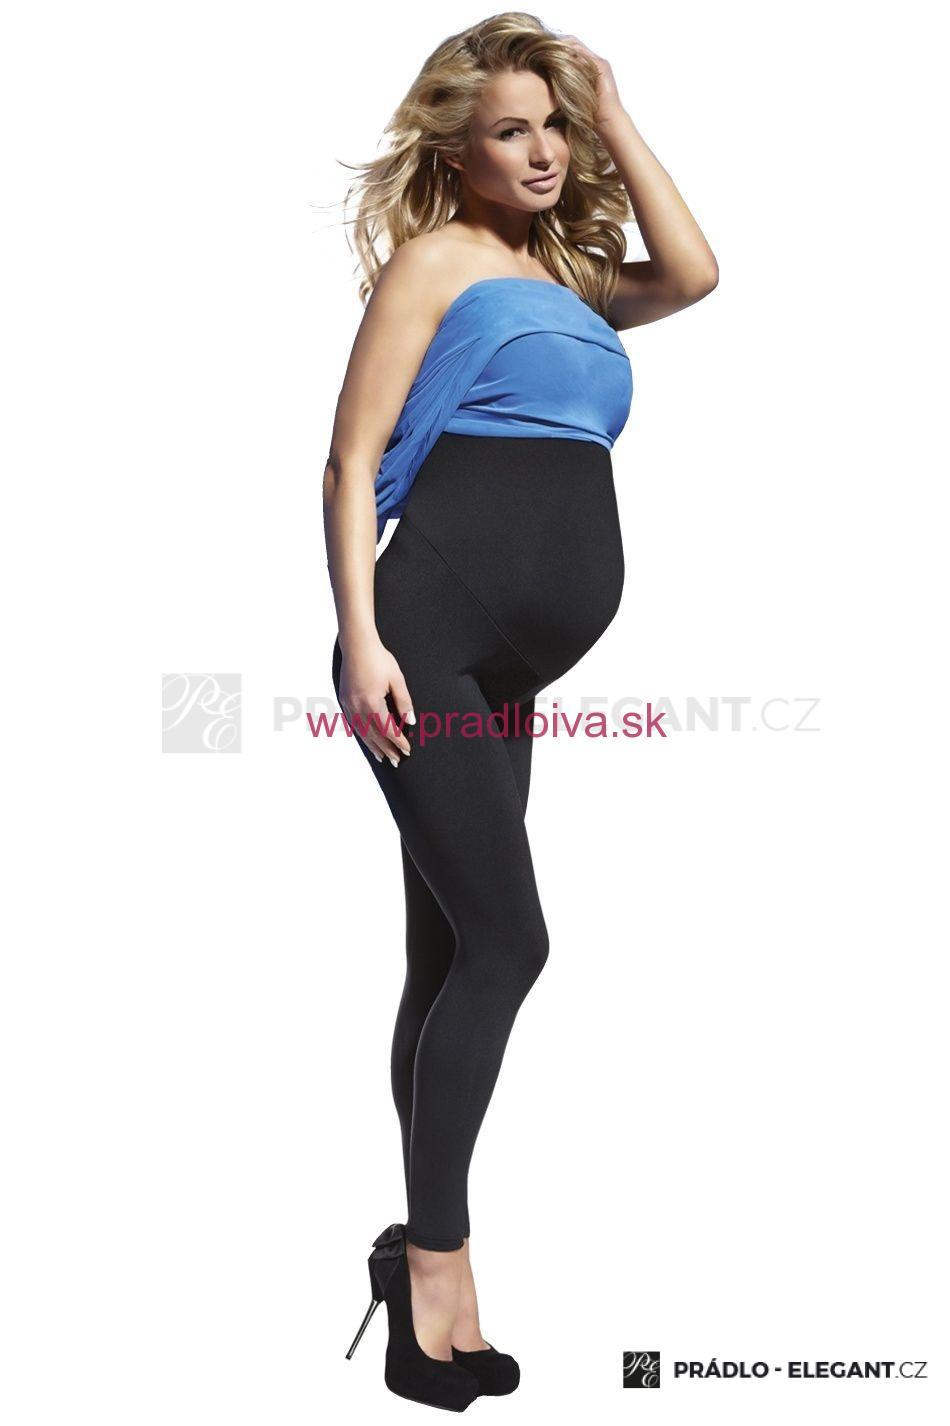 699b57404887 Dámske vysoké tehotenské legíny Anabel 200 DEN čierne